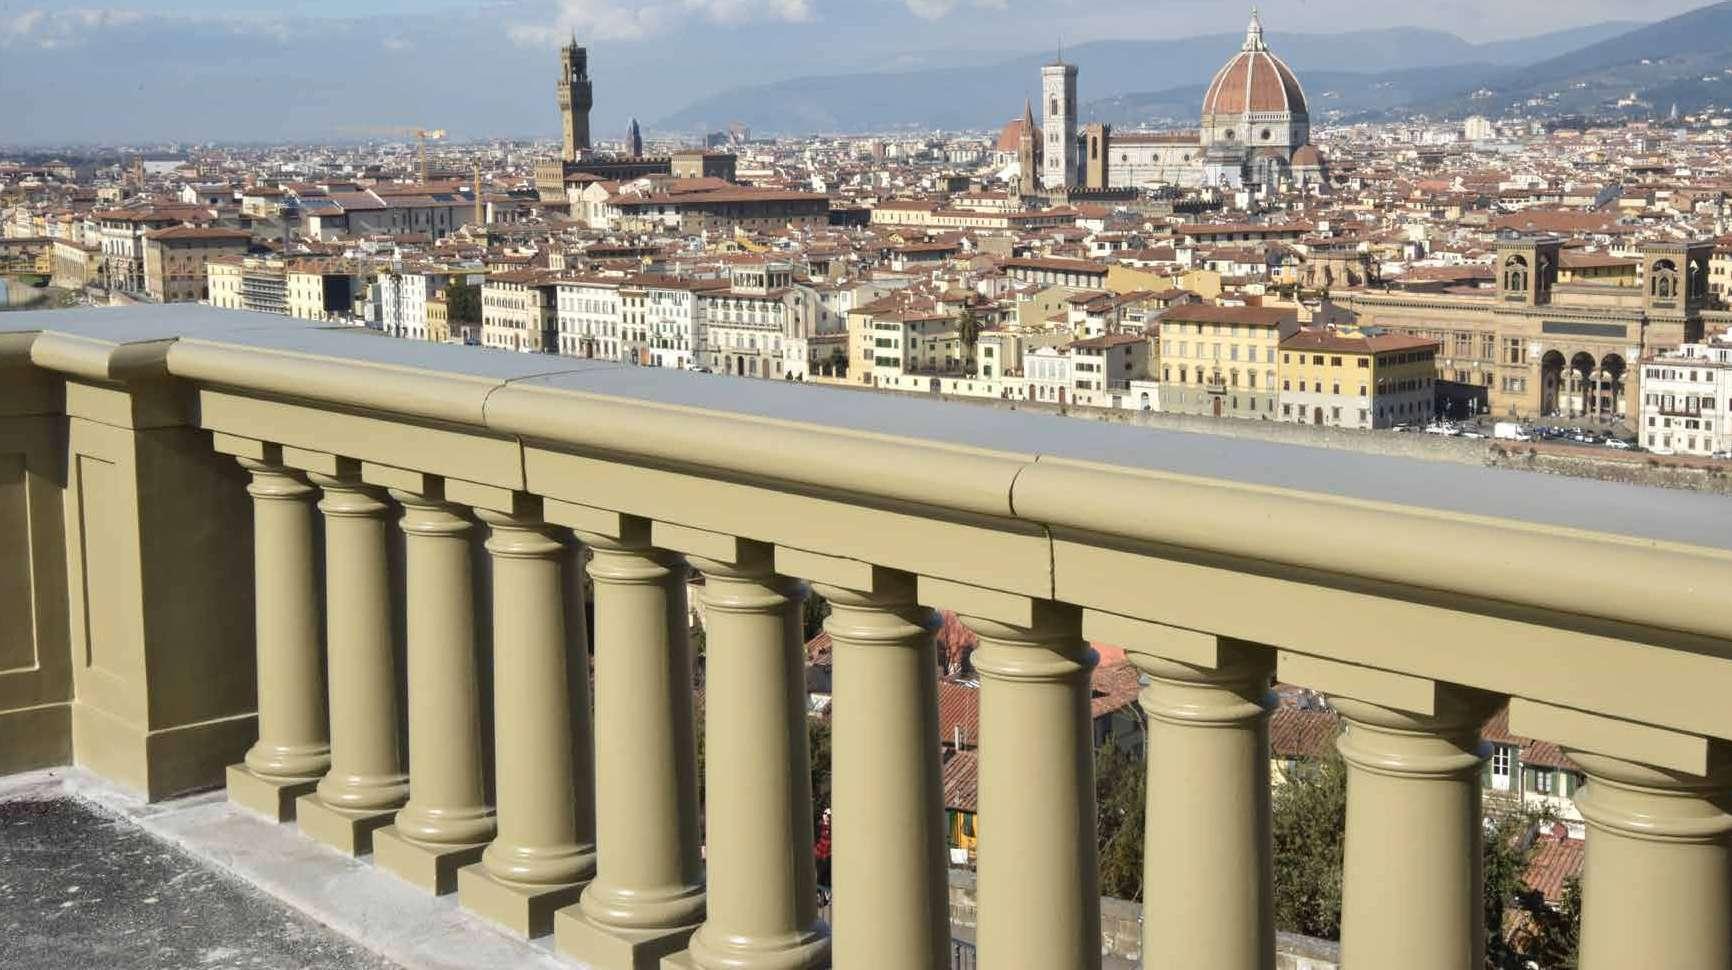 La balaustra metallica di Piazzale Michelangelo a Firenze tornata al suo antico splendore dopo il restauro compiuto da Neri Spa